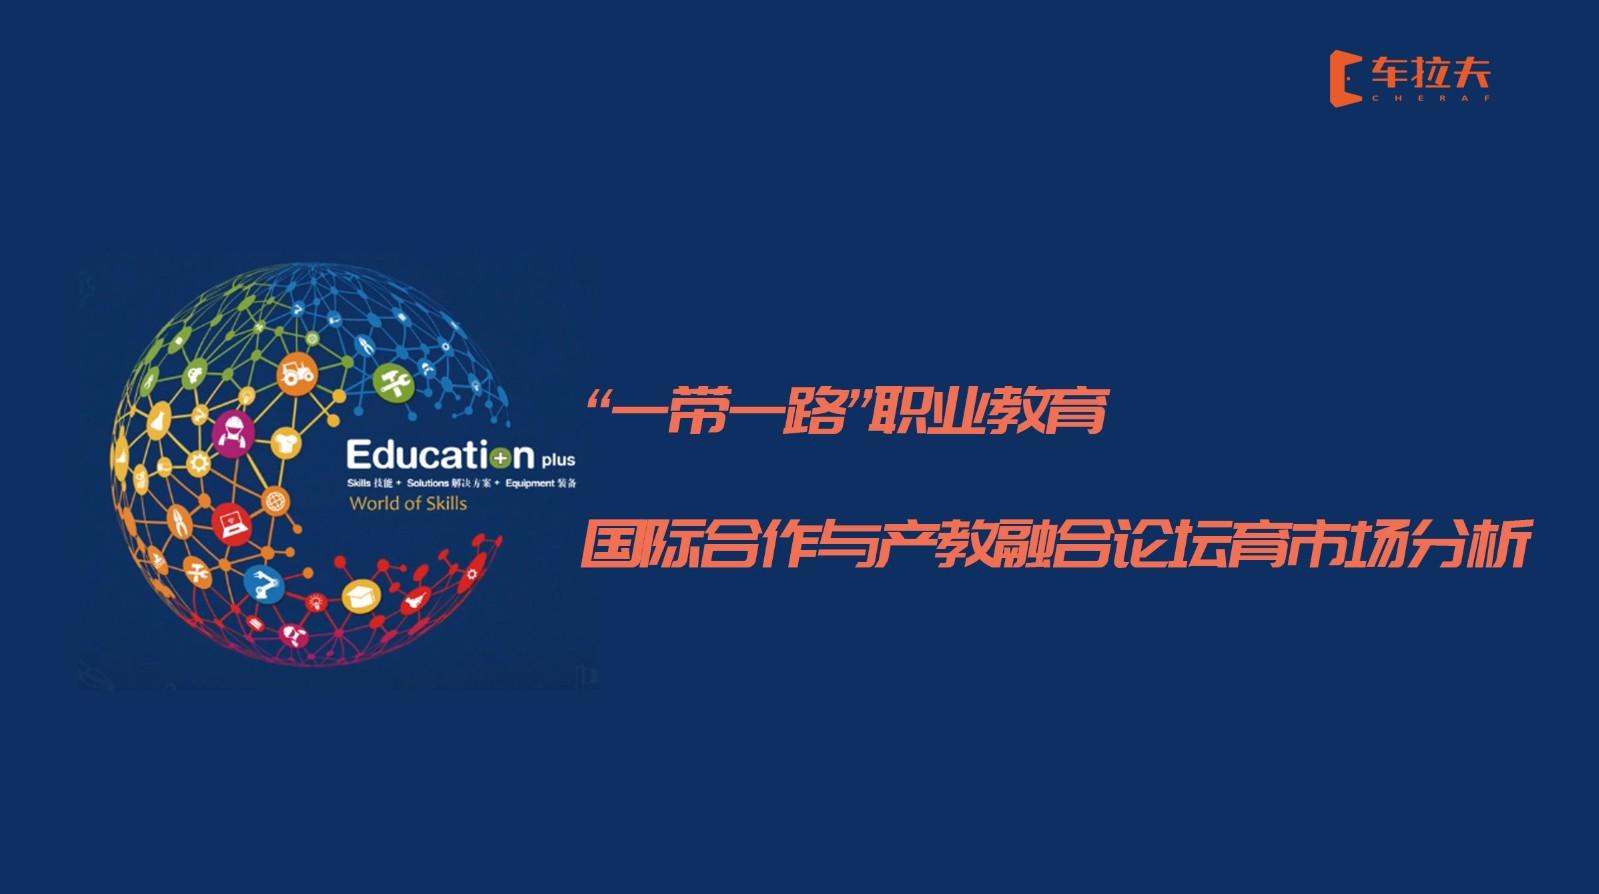 """世界职教展丨车拉夫用科技+汽车+职业教育,助力""""一带一路""""国家培养汽车人才"""